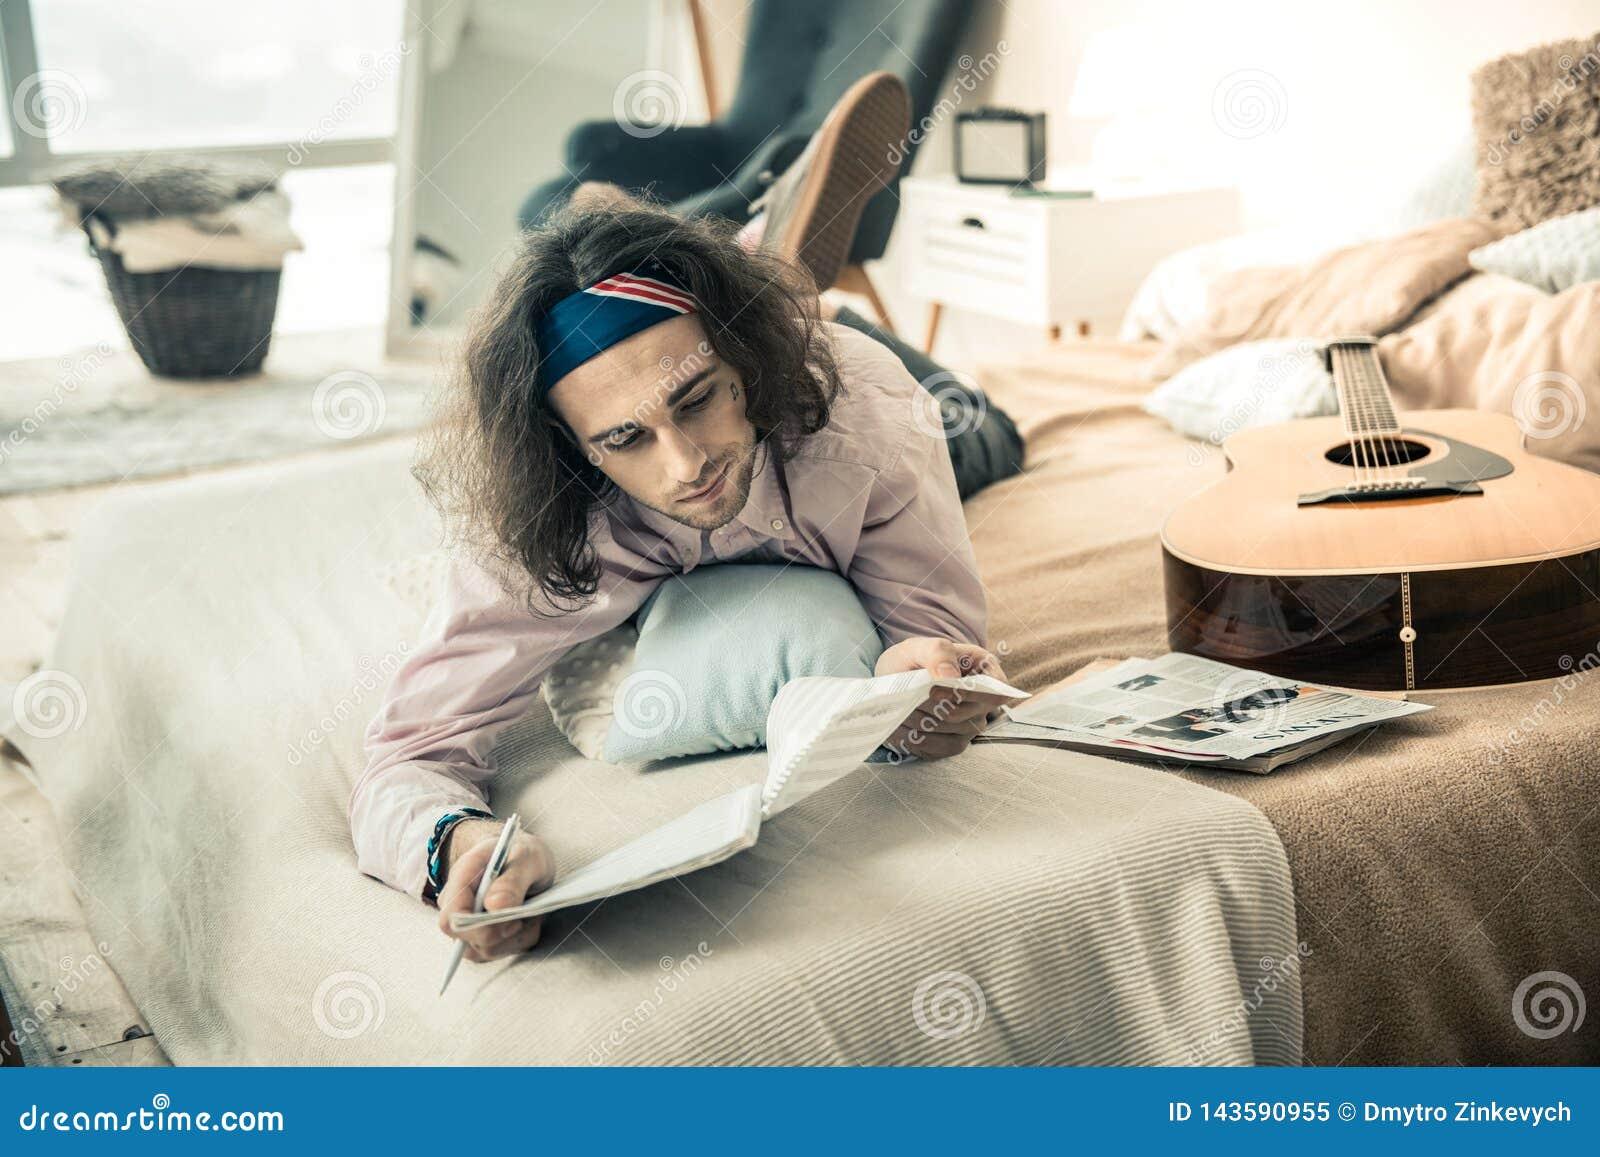 Rozważny młody człowiek obserwuje notatki w specjalnym albumu w kolorowych bandanach